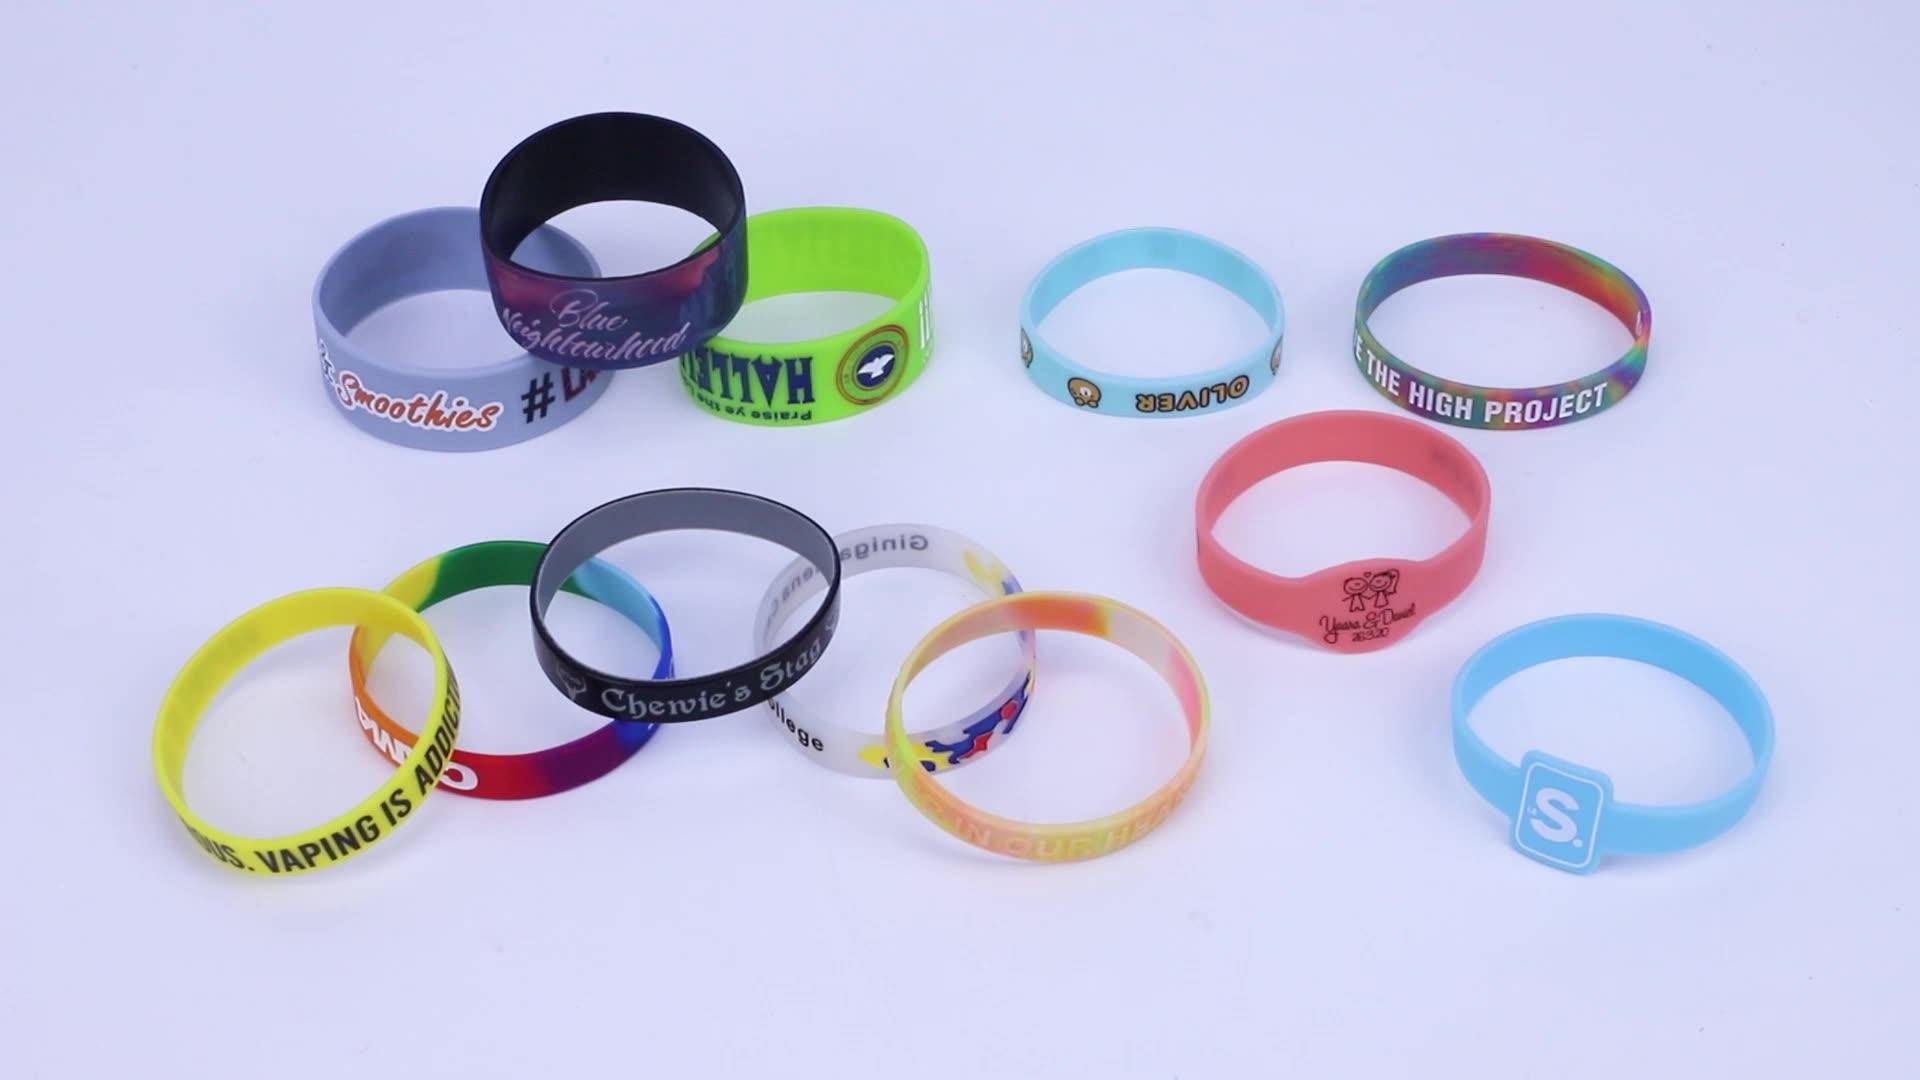 사용자 정의 실리콘 팔찌 전문 실리콘 팔찌 제조 업체 중국에서